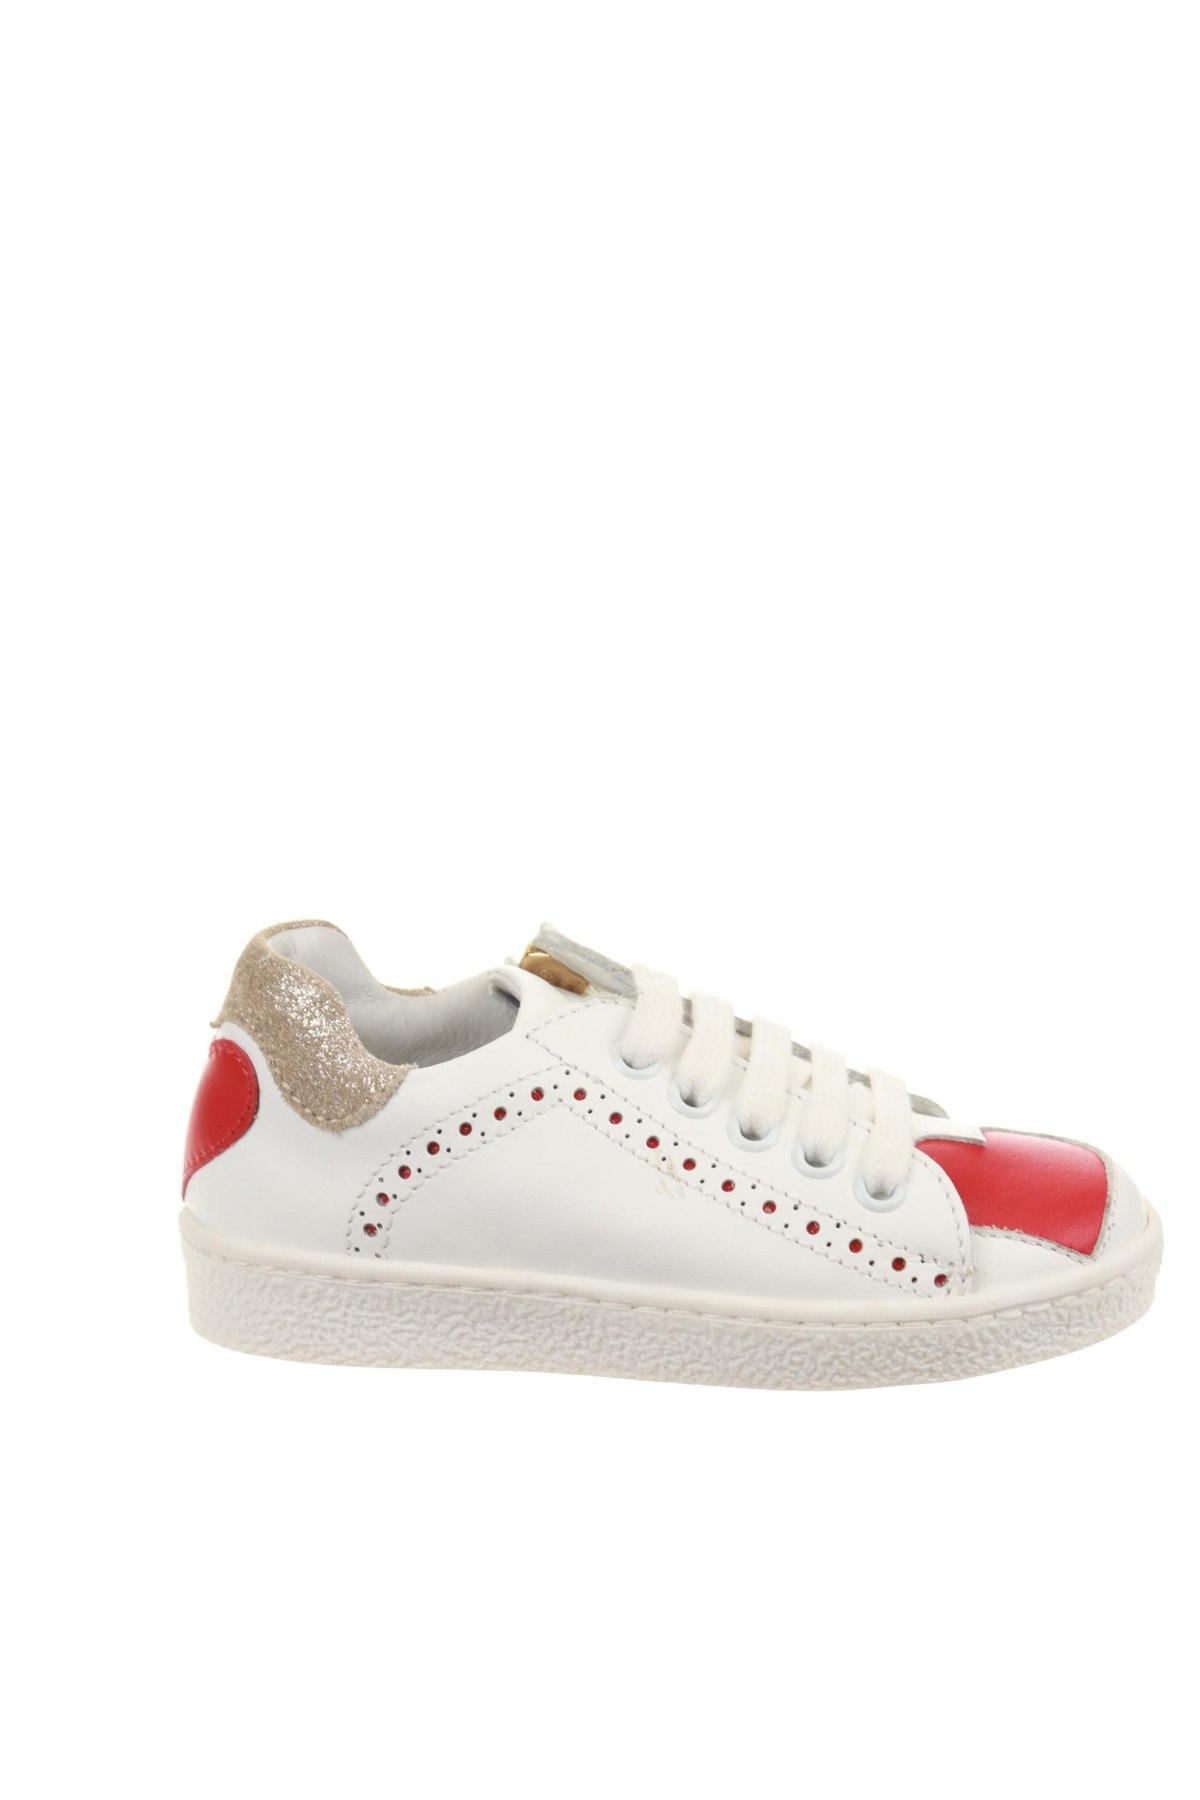 Παιδικά παπούτσια TWINSET, Μέγεθος 24, Χρώμα Λευκό, Γνήσιο δέρμα, φυσικό σουέτ, Τιμή 41,56€